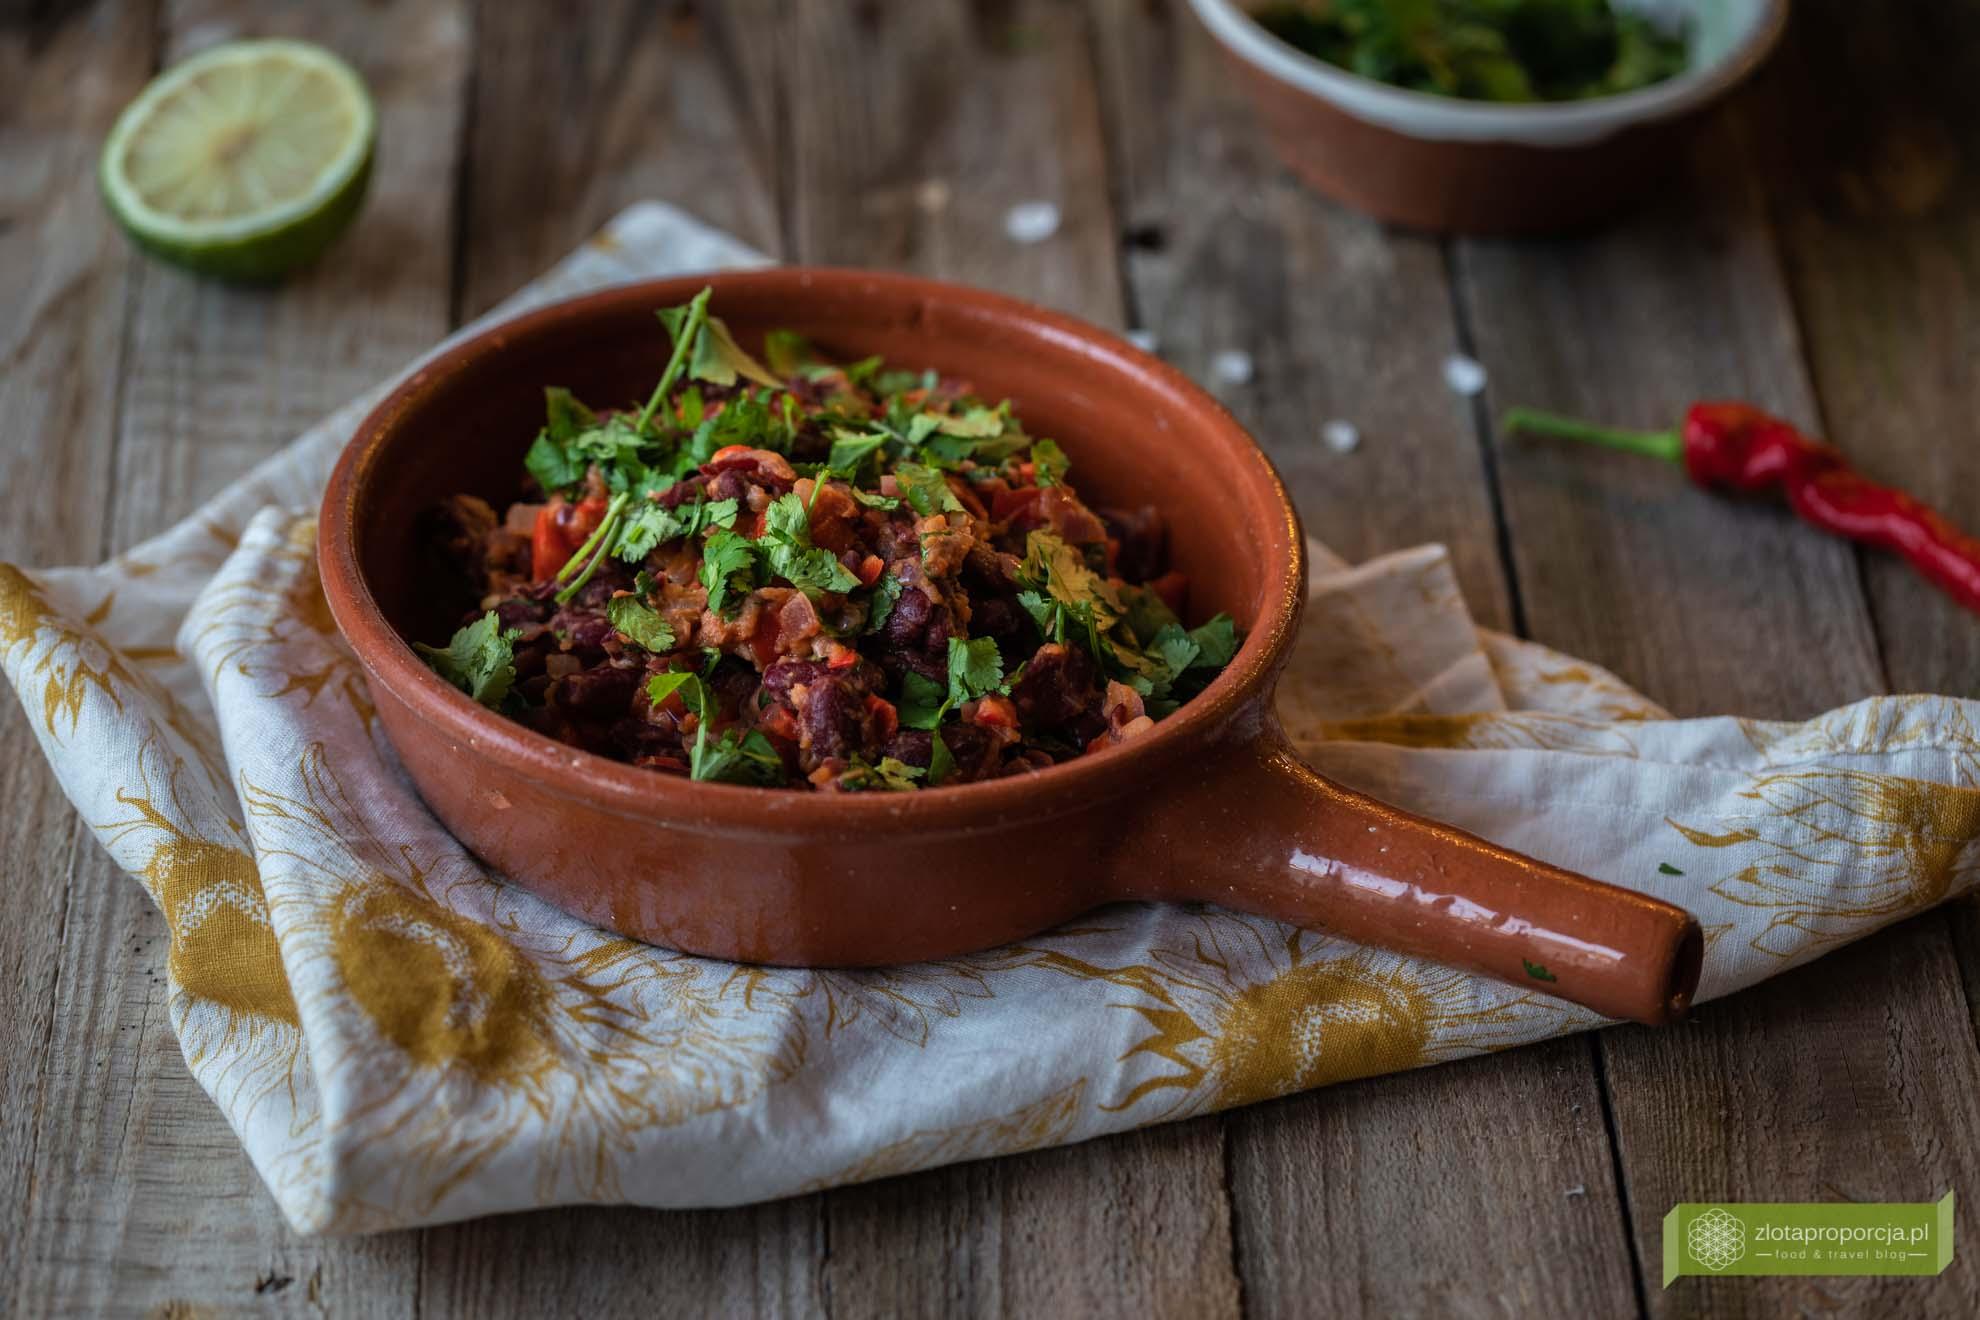 kuchnia meksykańska; potrawy meksykańskie; Quesadilla wegetariańska; quesadilla z czerwoną fasolą; farsz z czerwonej fasoli;